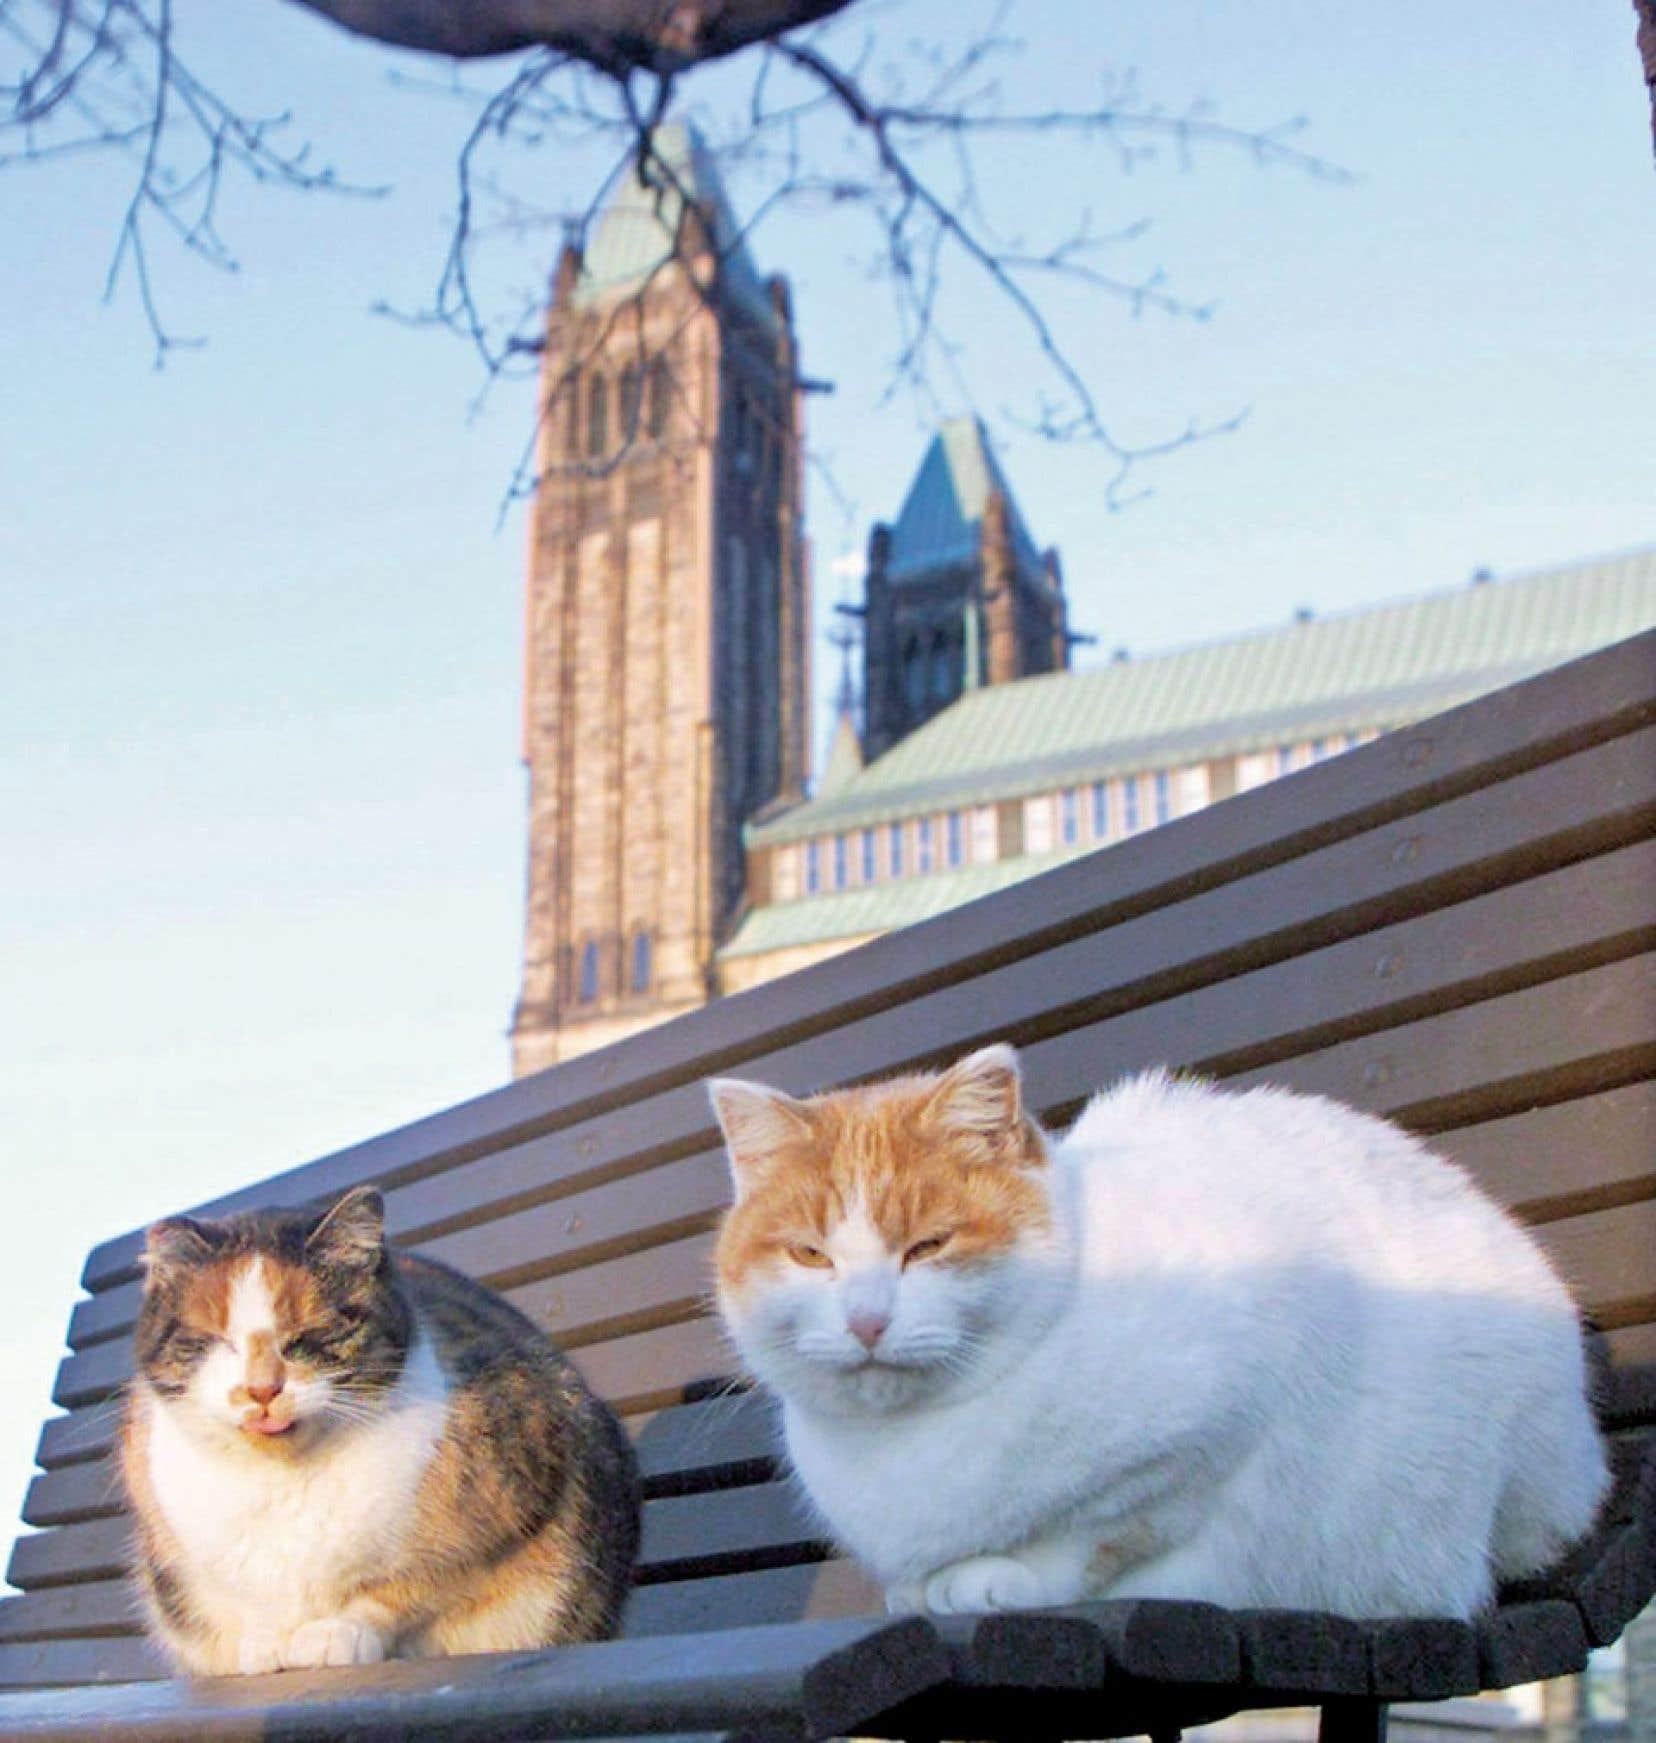 En 2004, le refuge a stérilisé tous les chats, et la population a décliné petit à petit. En 2012, il ne restait plus que six chats, qui ont été répartis dans des foyers.